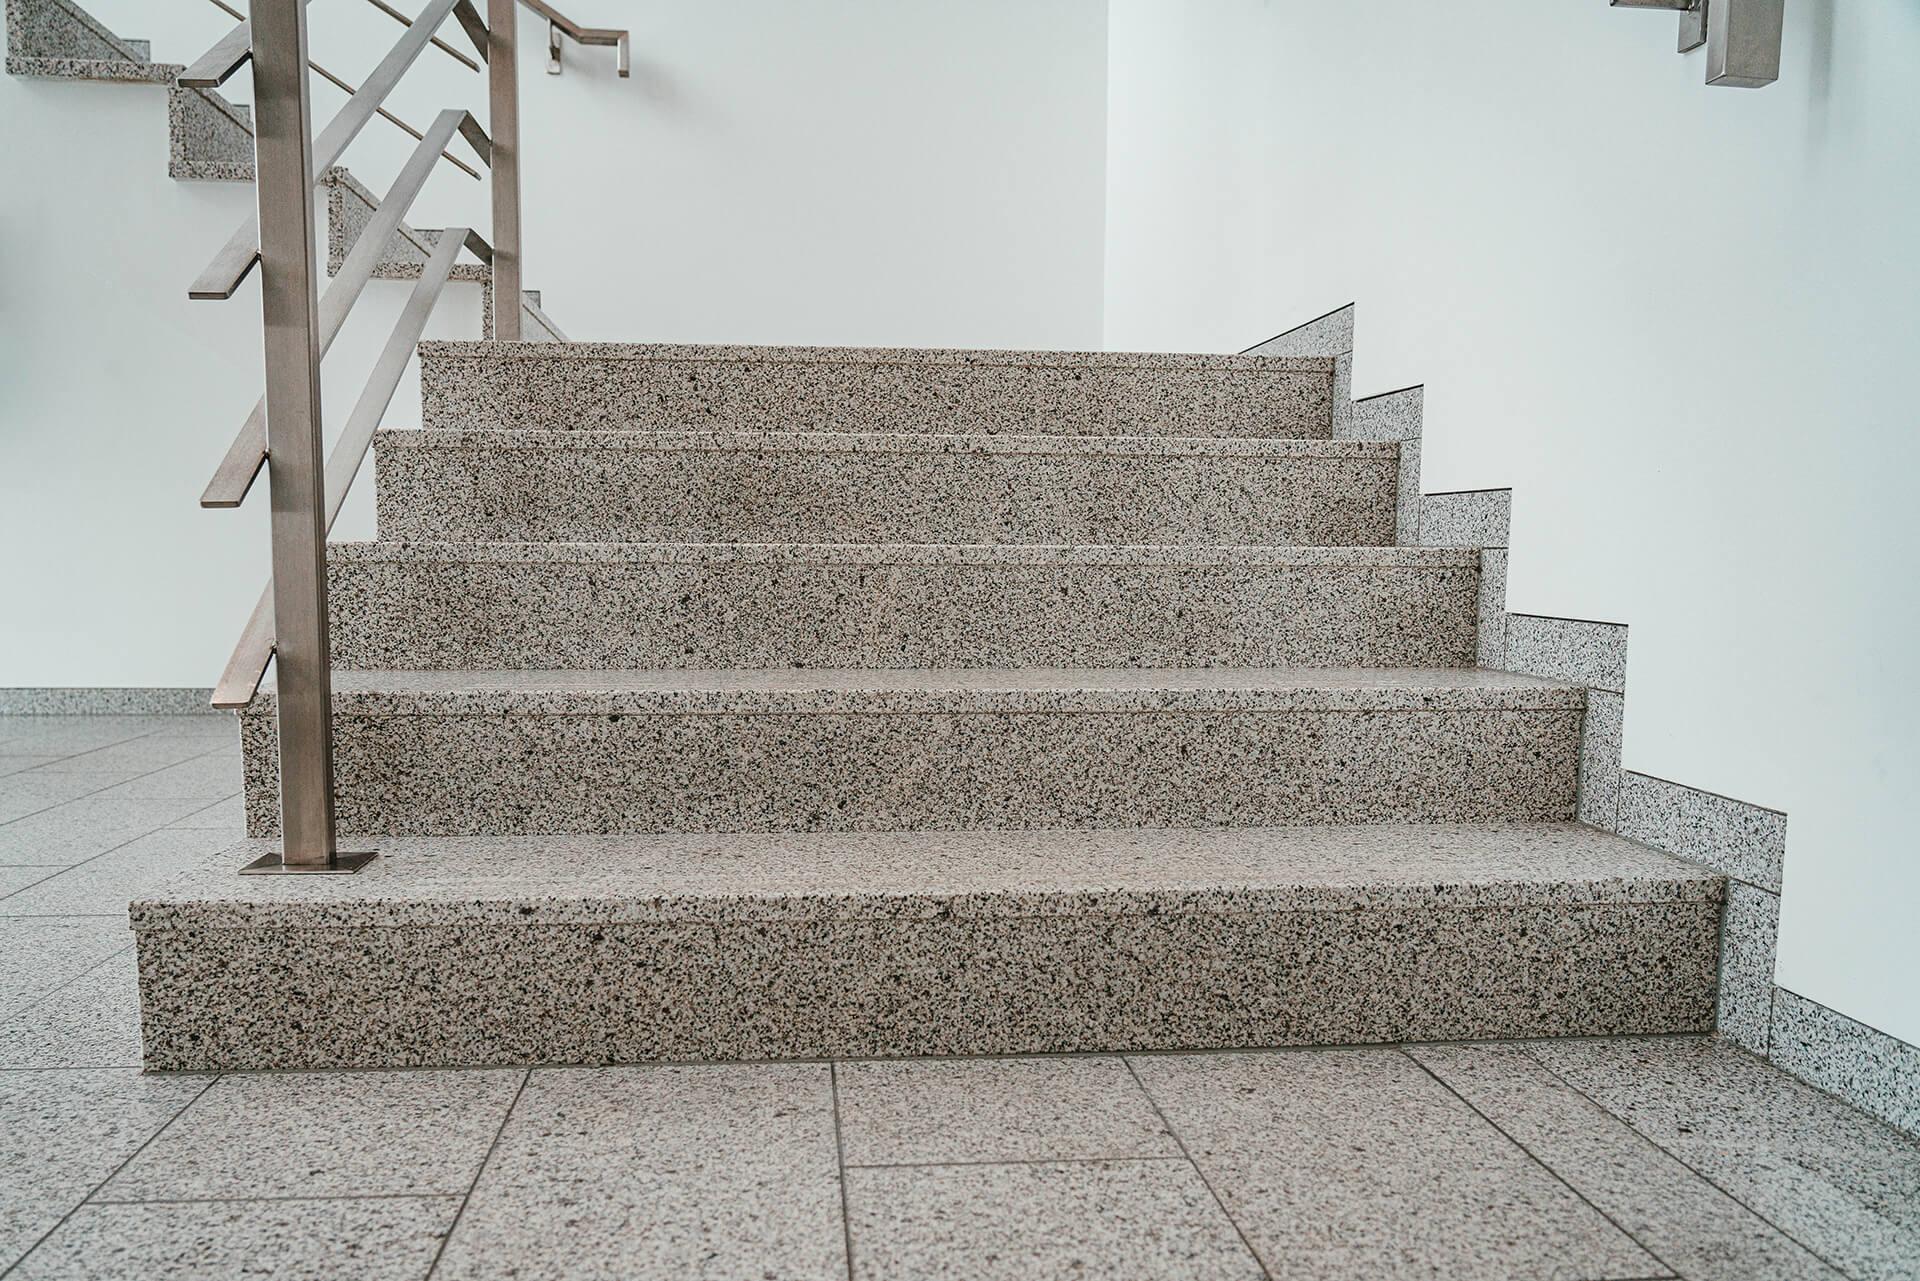 Natursteine Strobel - Treppenanlage